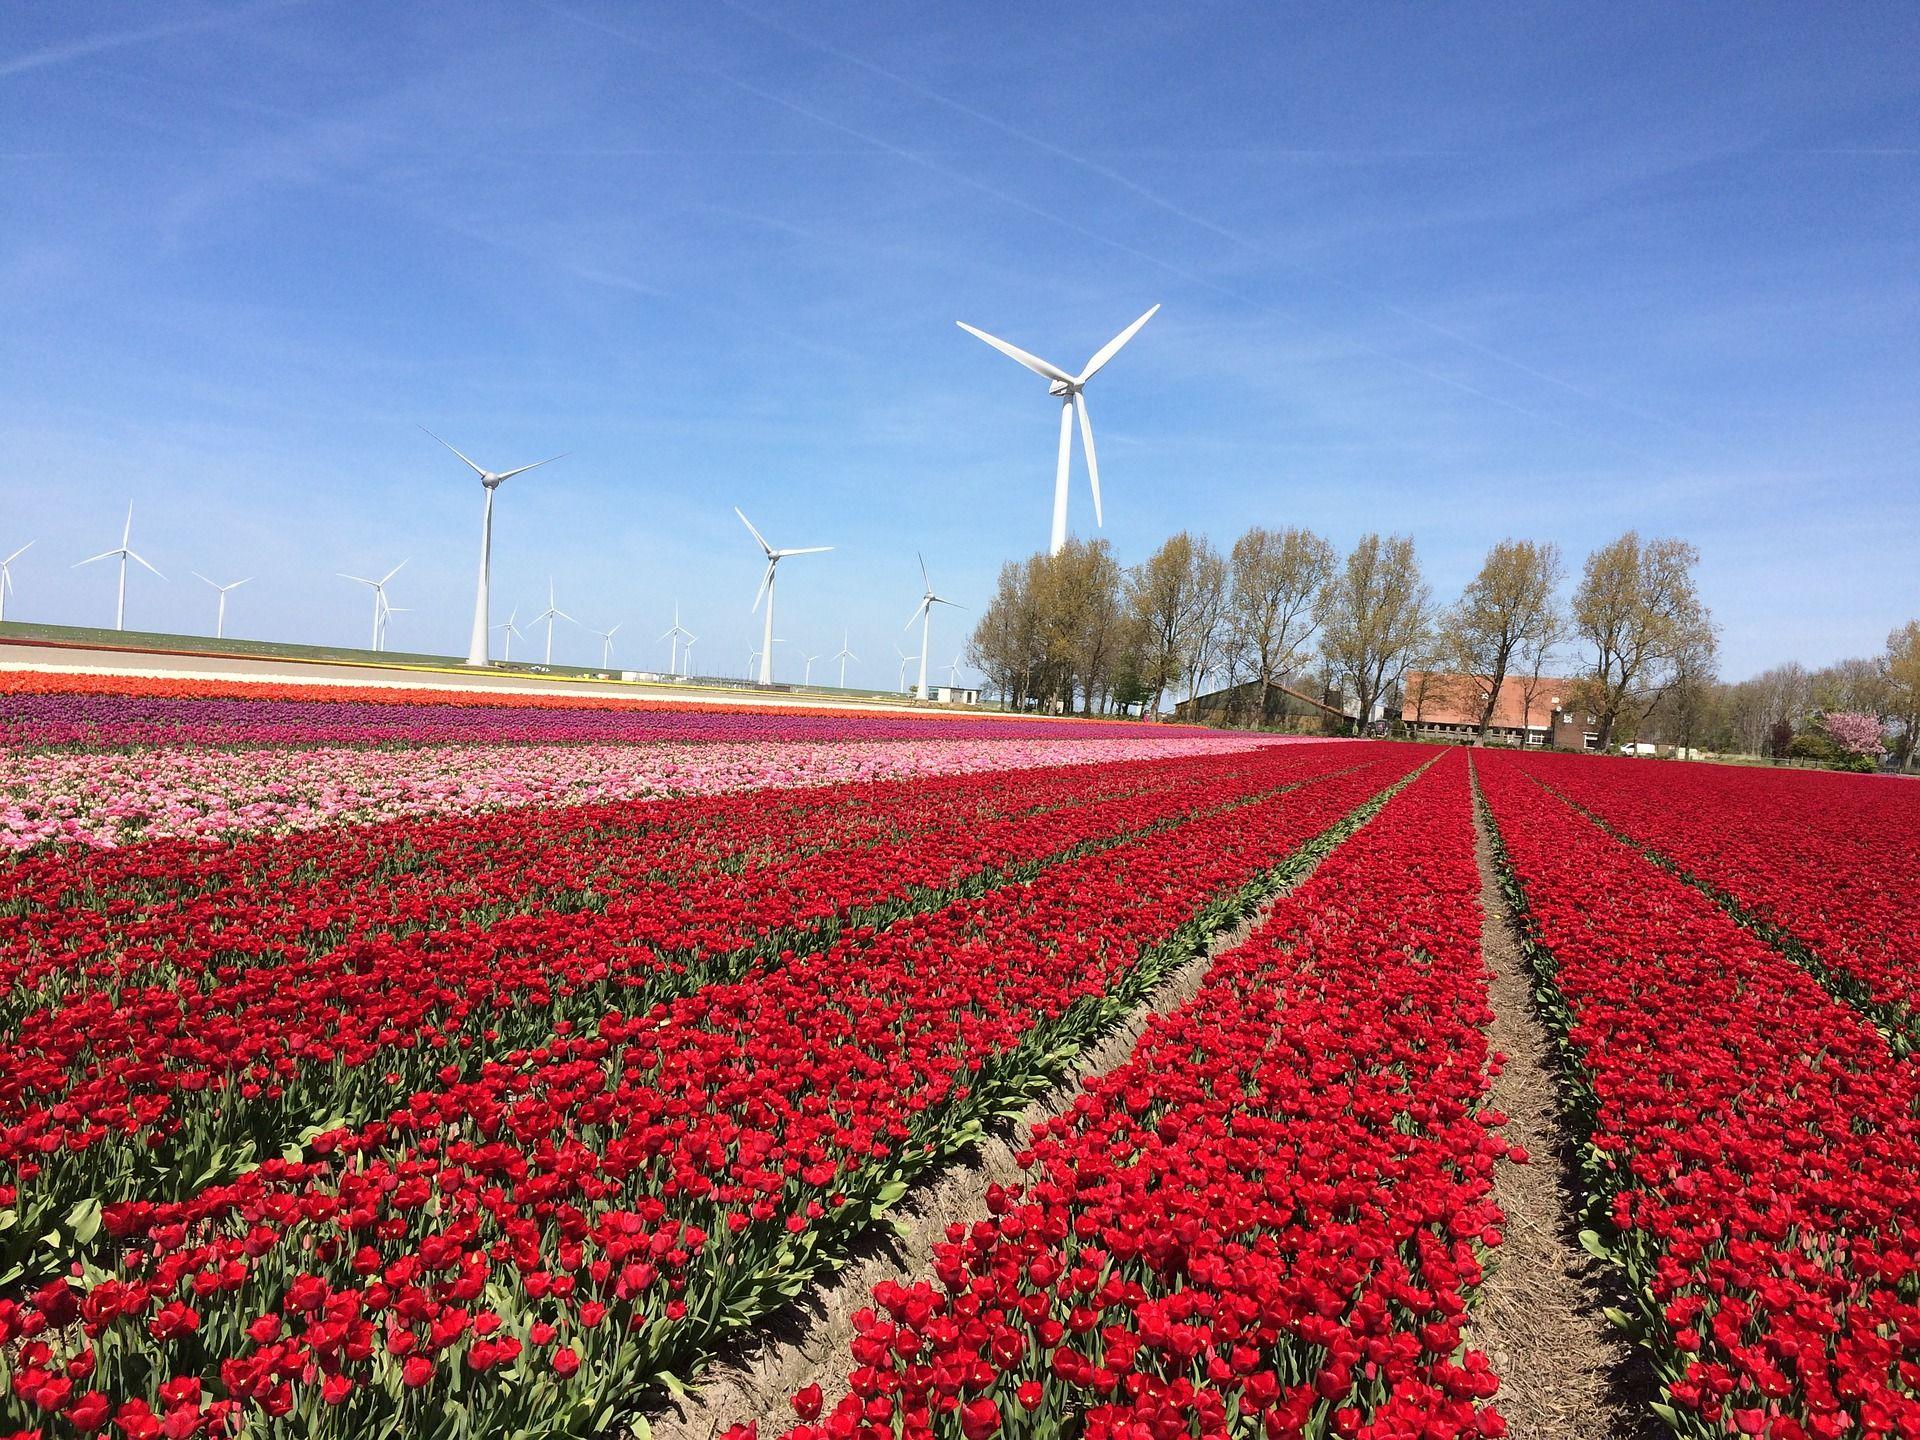 Niederlande kaufen grünen Strom nach